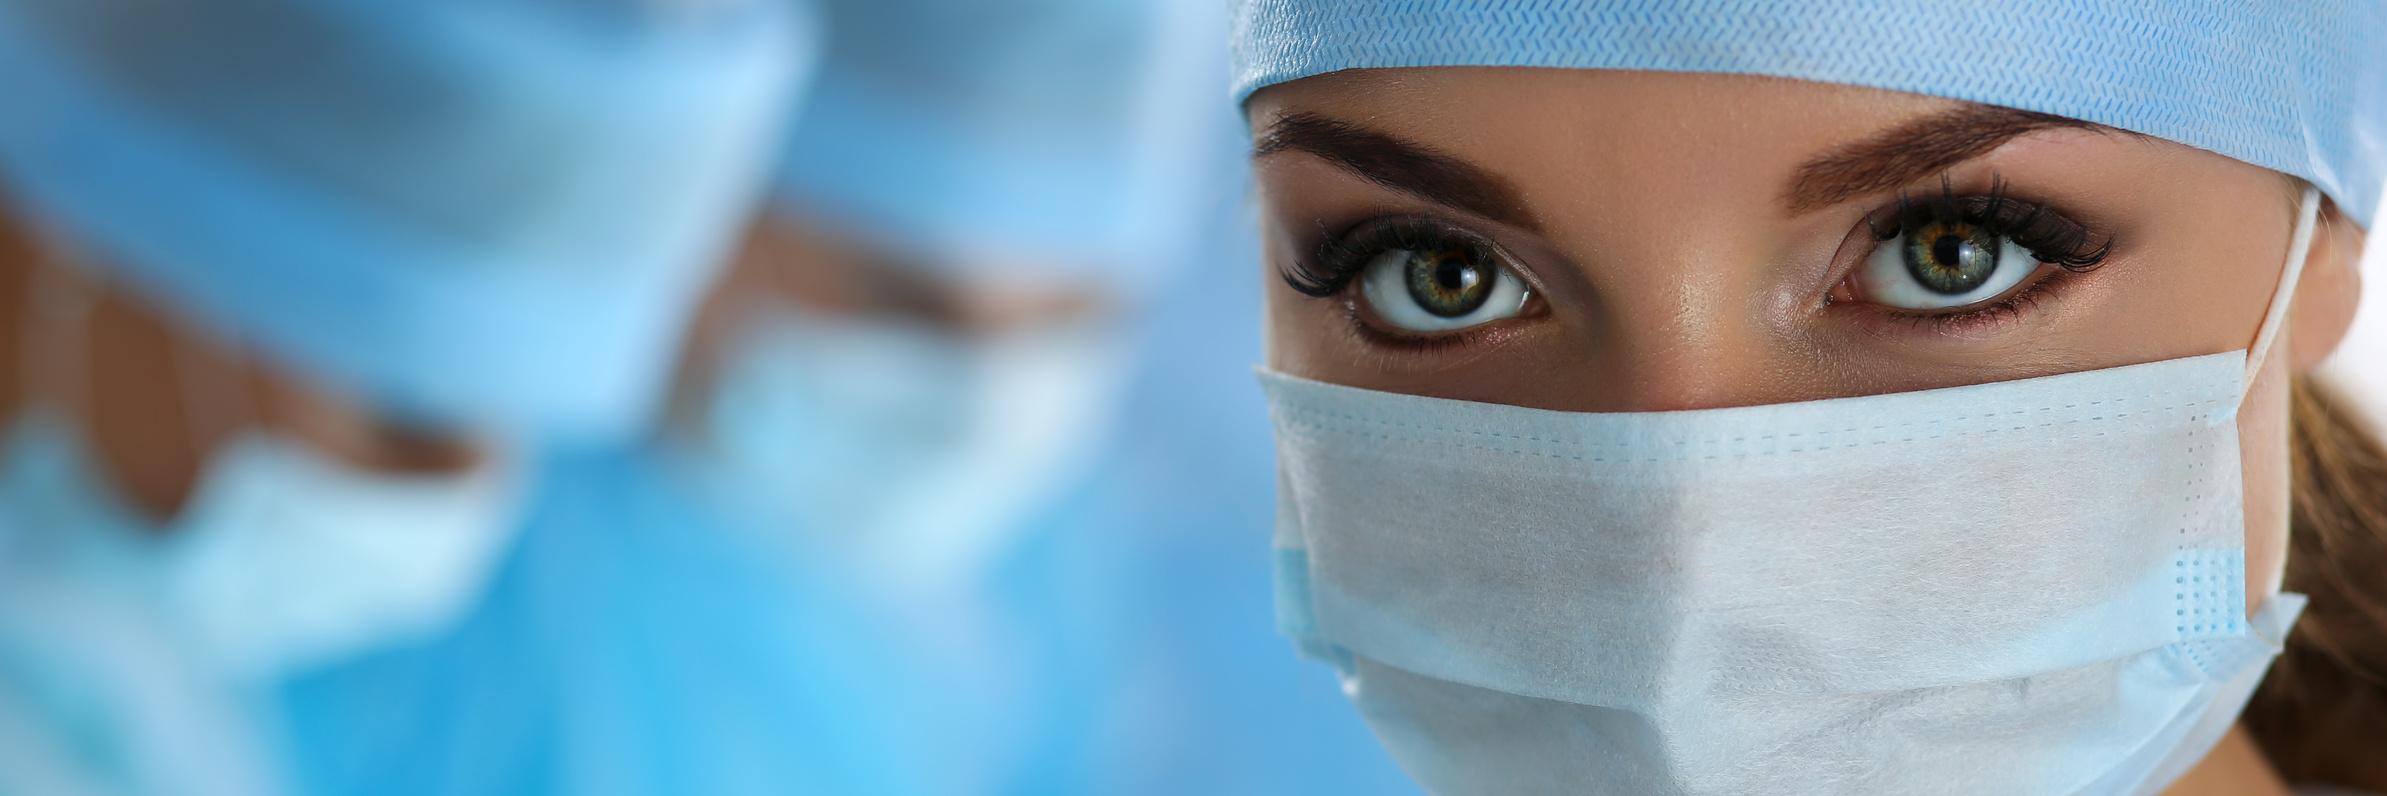 Hautoperationen Hautarzt Köln Dr. Kruppa Dr. Larsen